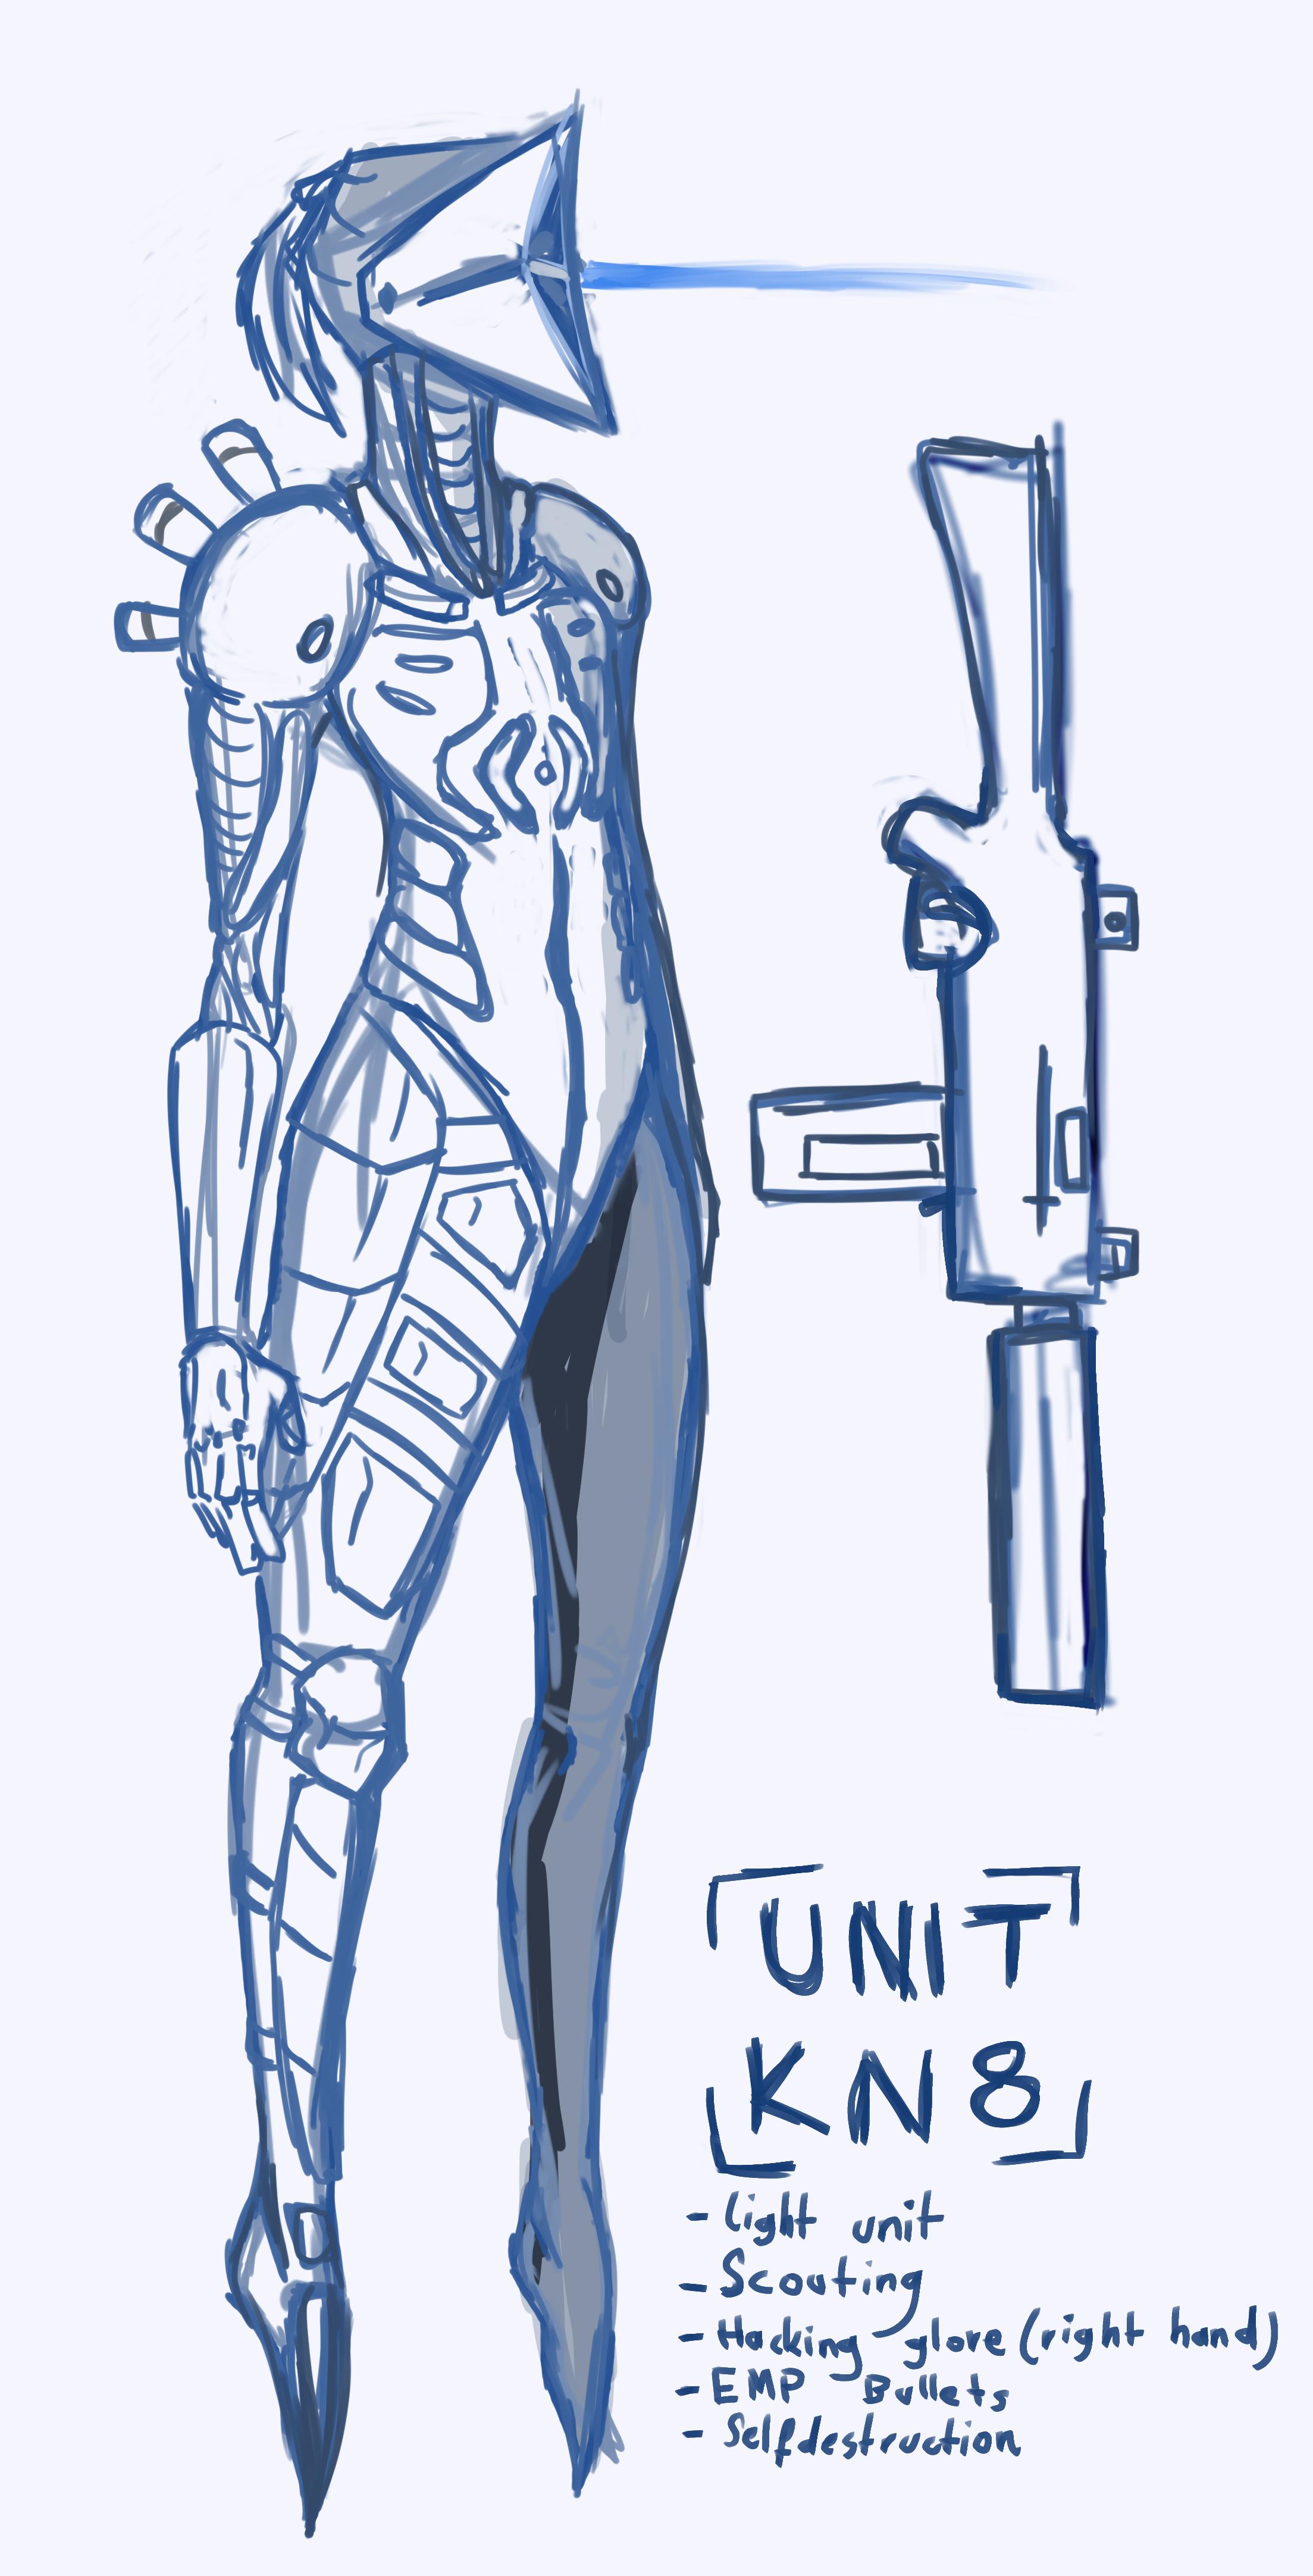 Unit KN8